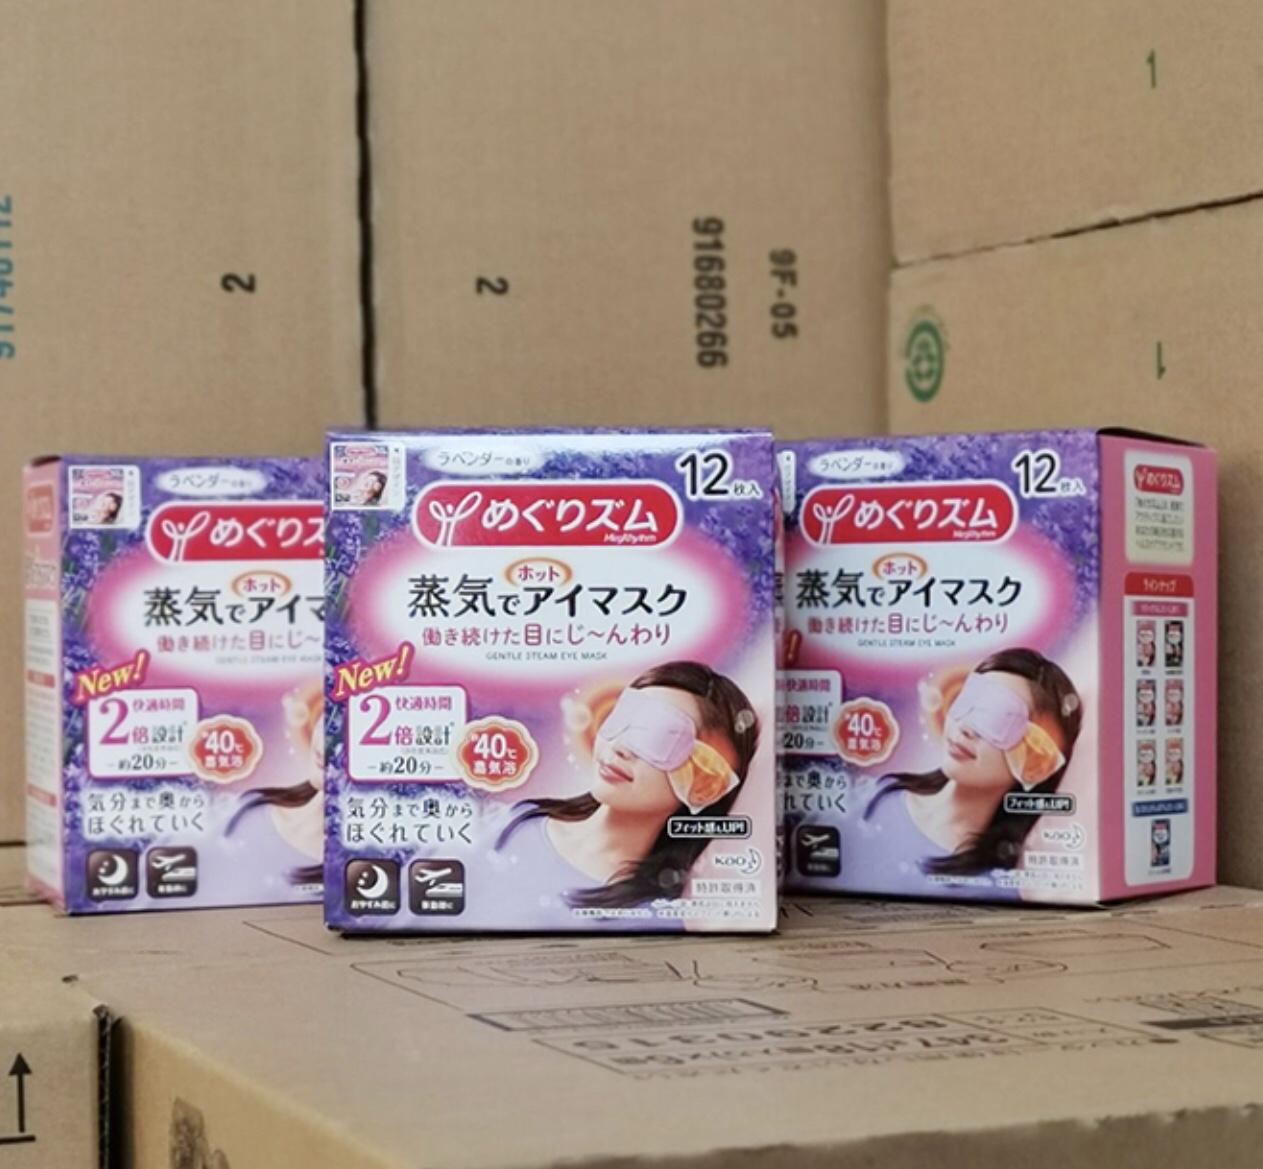 日本本土 kao花王蒸汽眼罩热敷眼膜去黑眼圈眼袋舒缓眼部护眼12片满59.80元可用1元优惠券